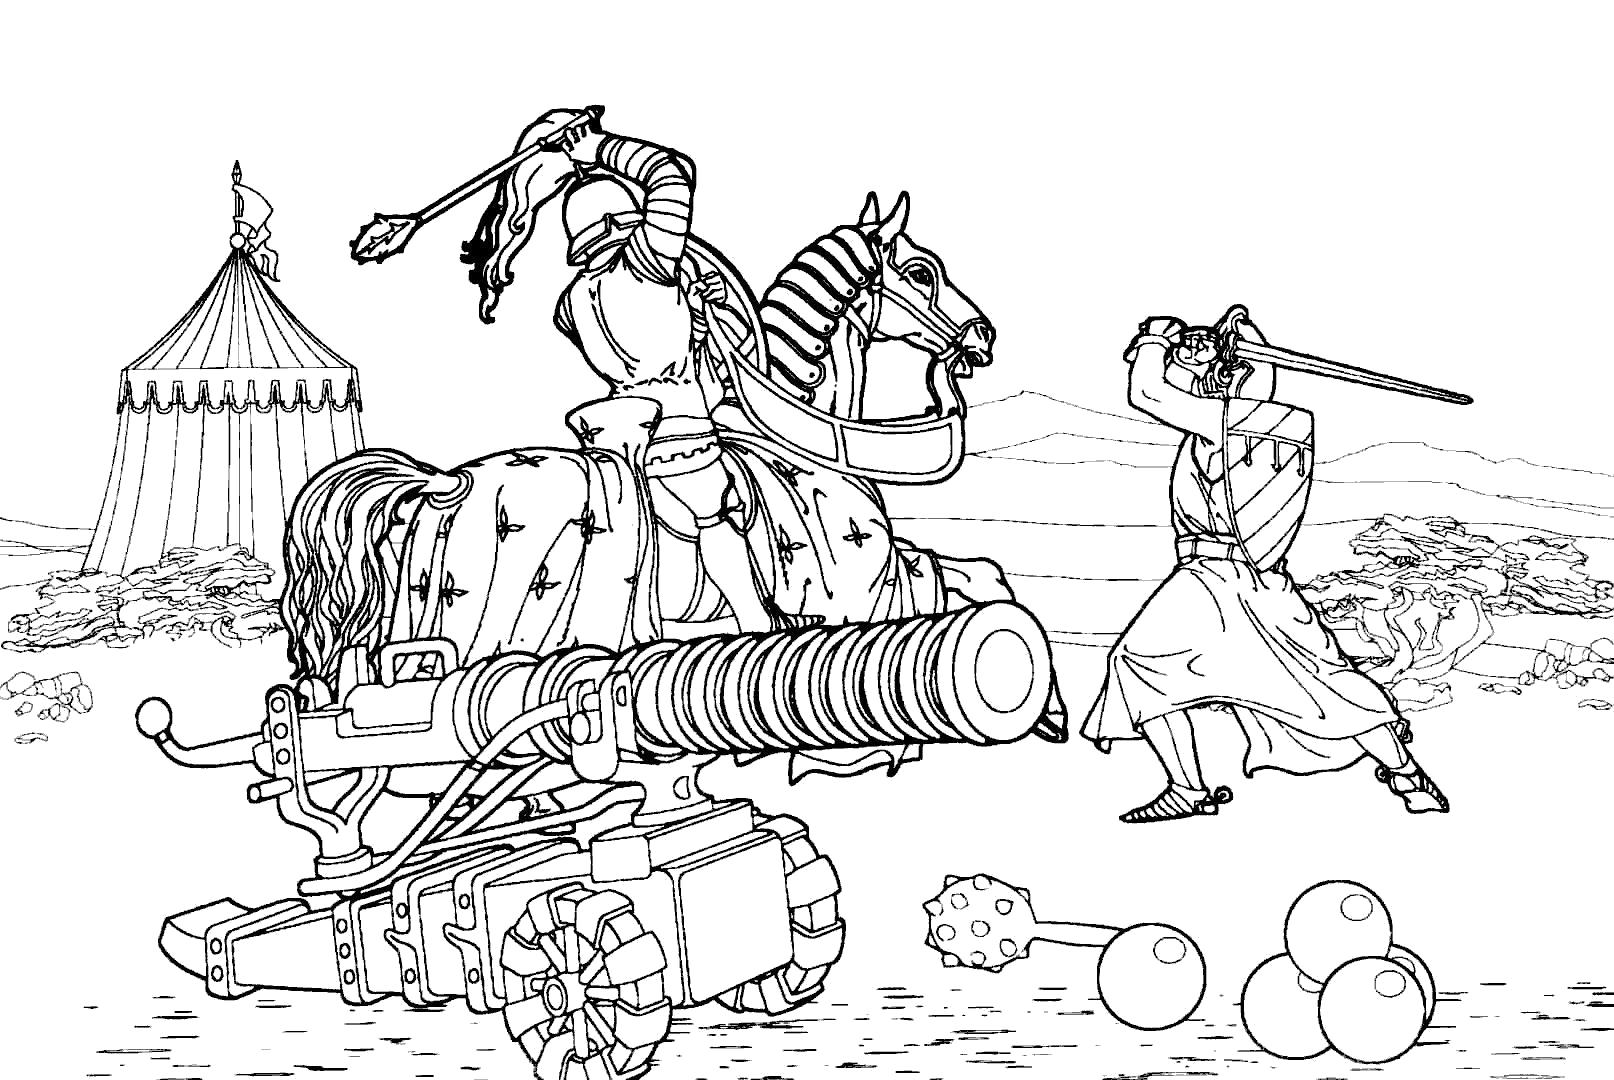 Раскраска Подарок папе на 23 февраля. Воины. Сражение средневековых рыцарей. . Скачать 23 февраля.  Распечатать 23 февраля